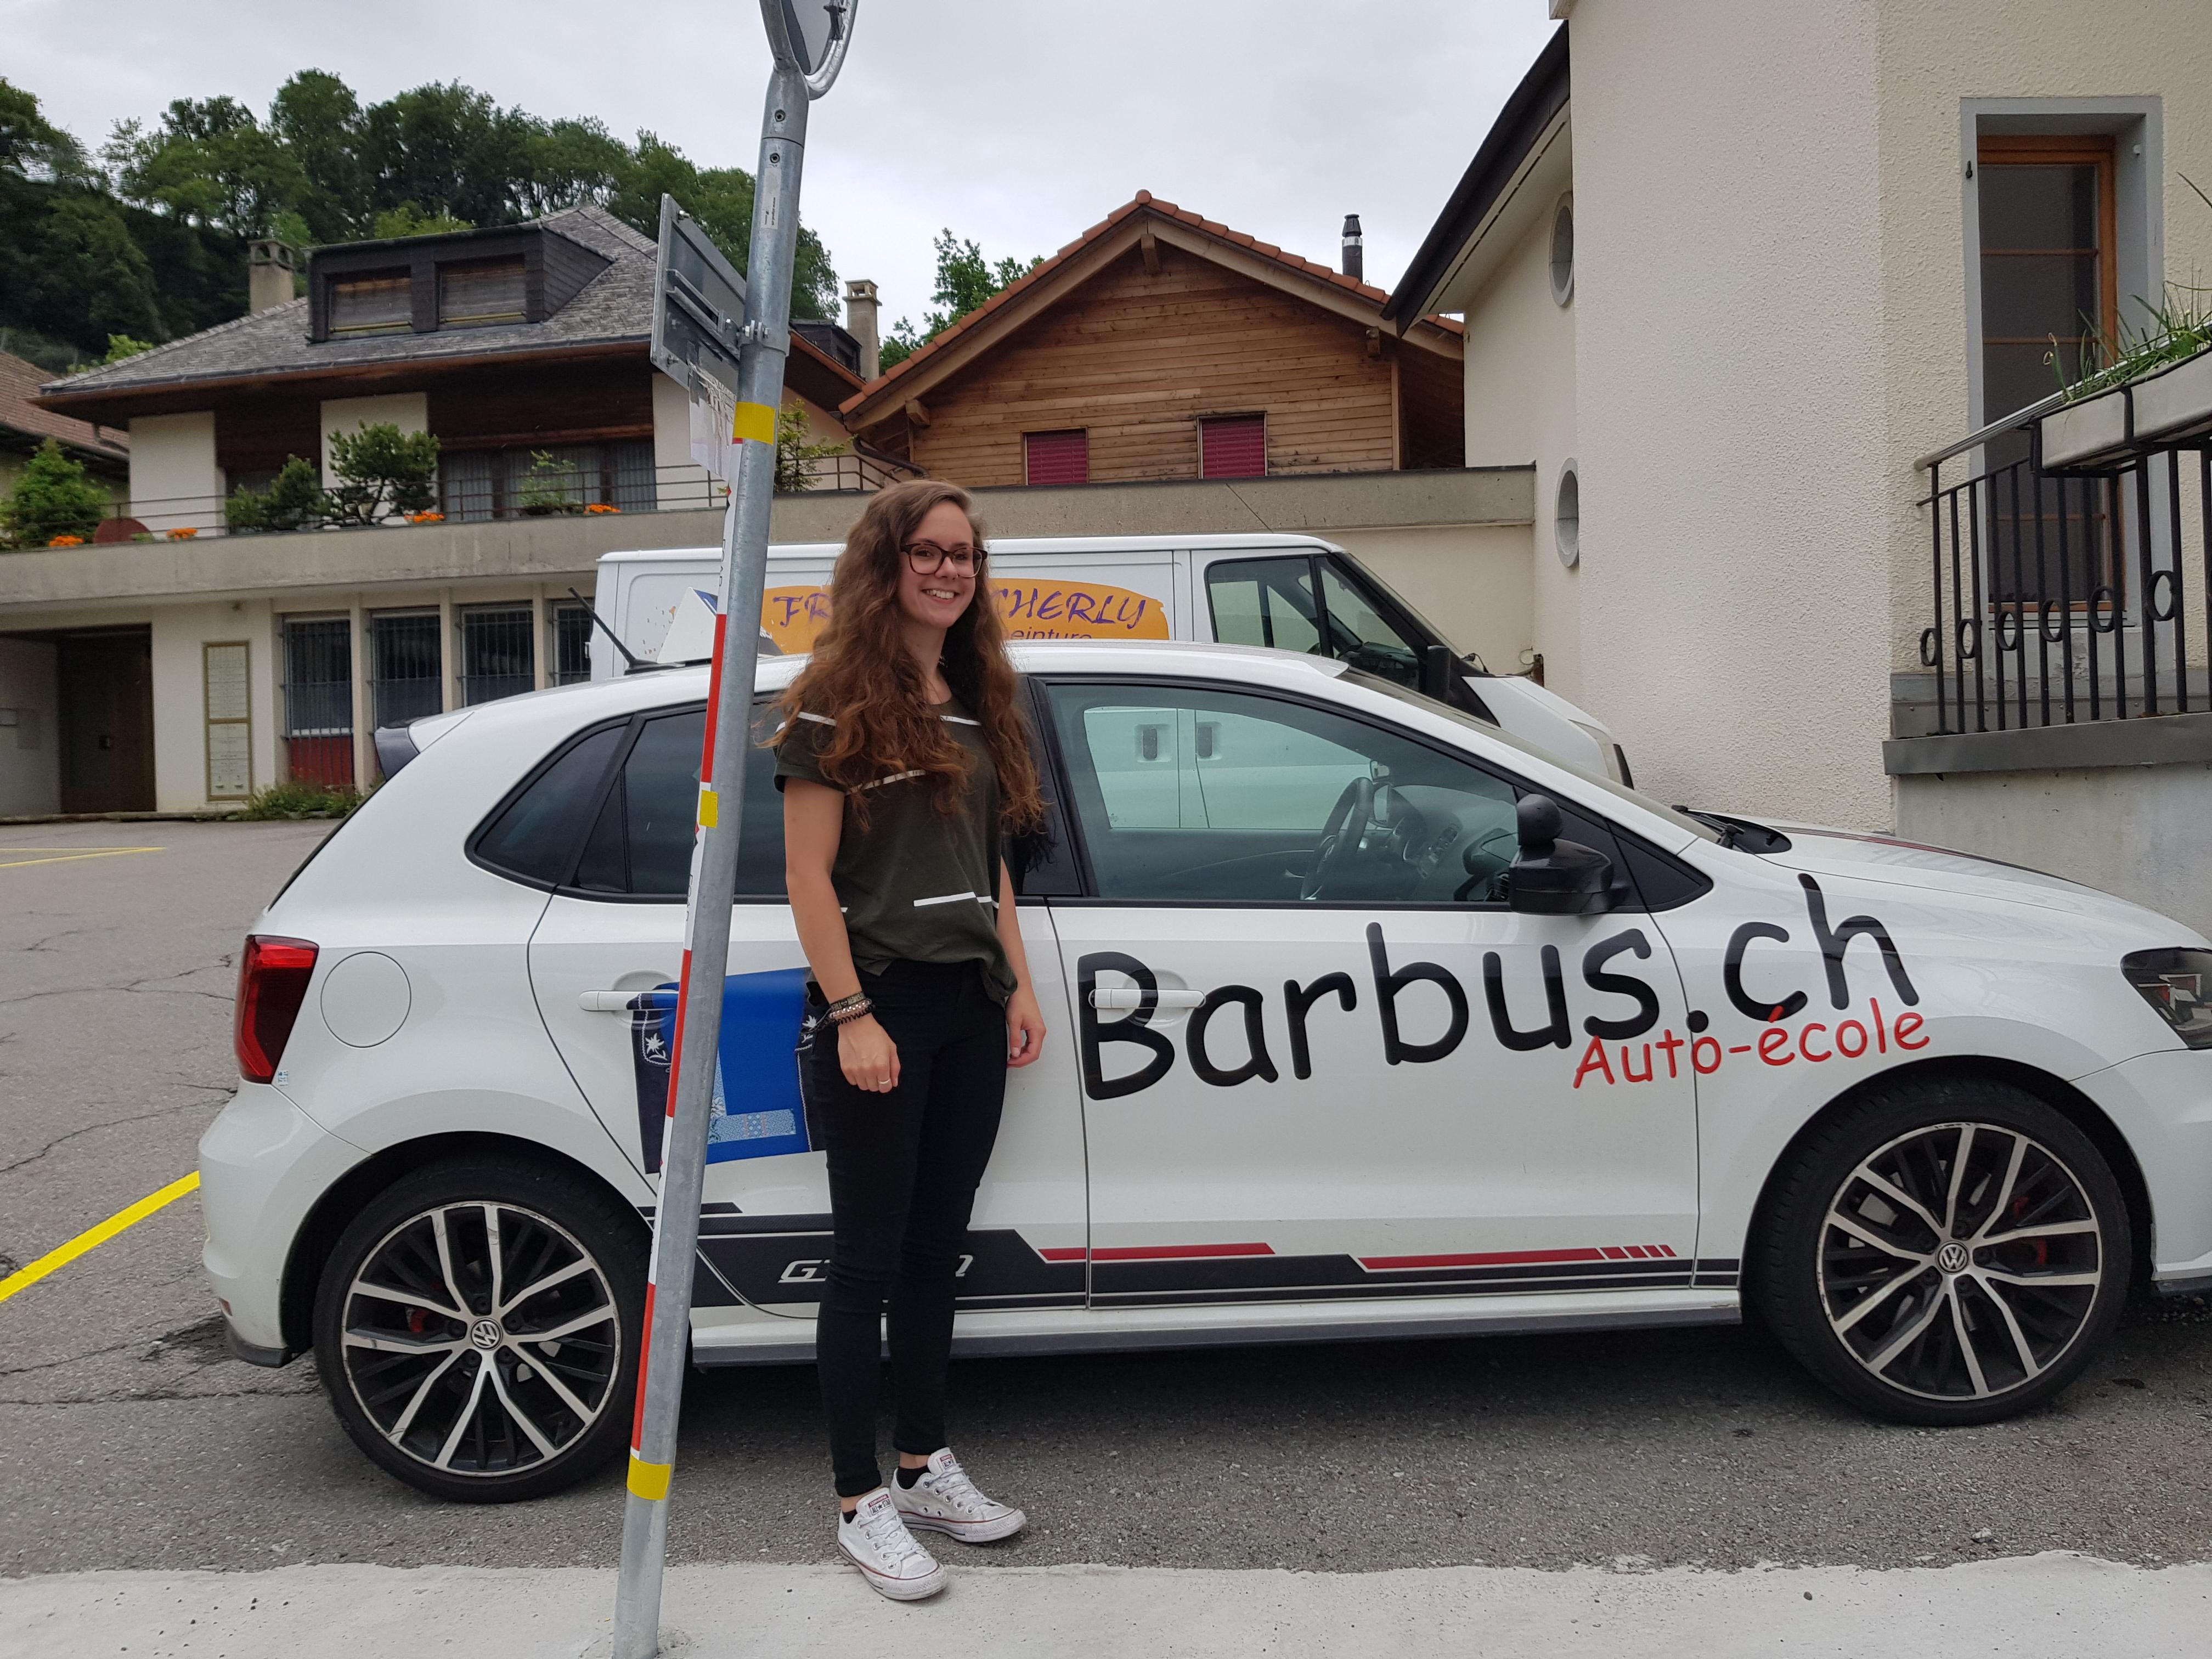 Les Barbusch Auto école Lauto école Gruérienne Par